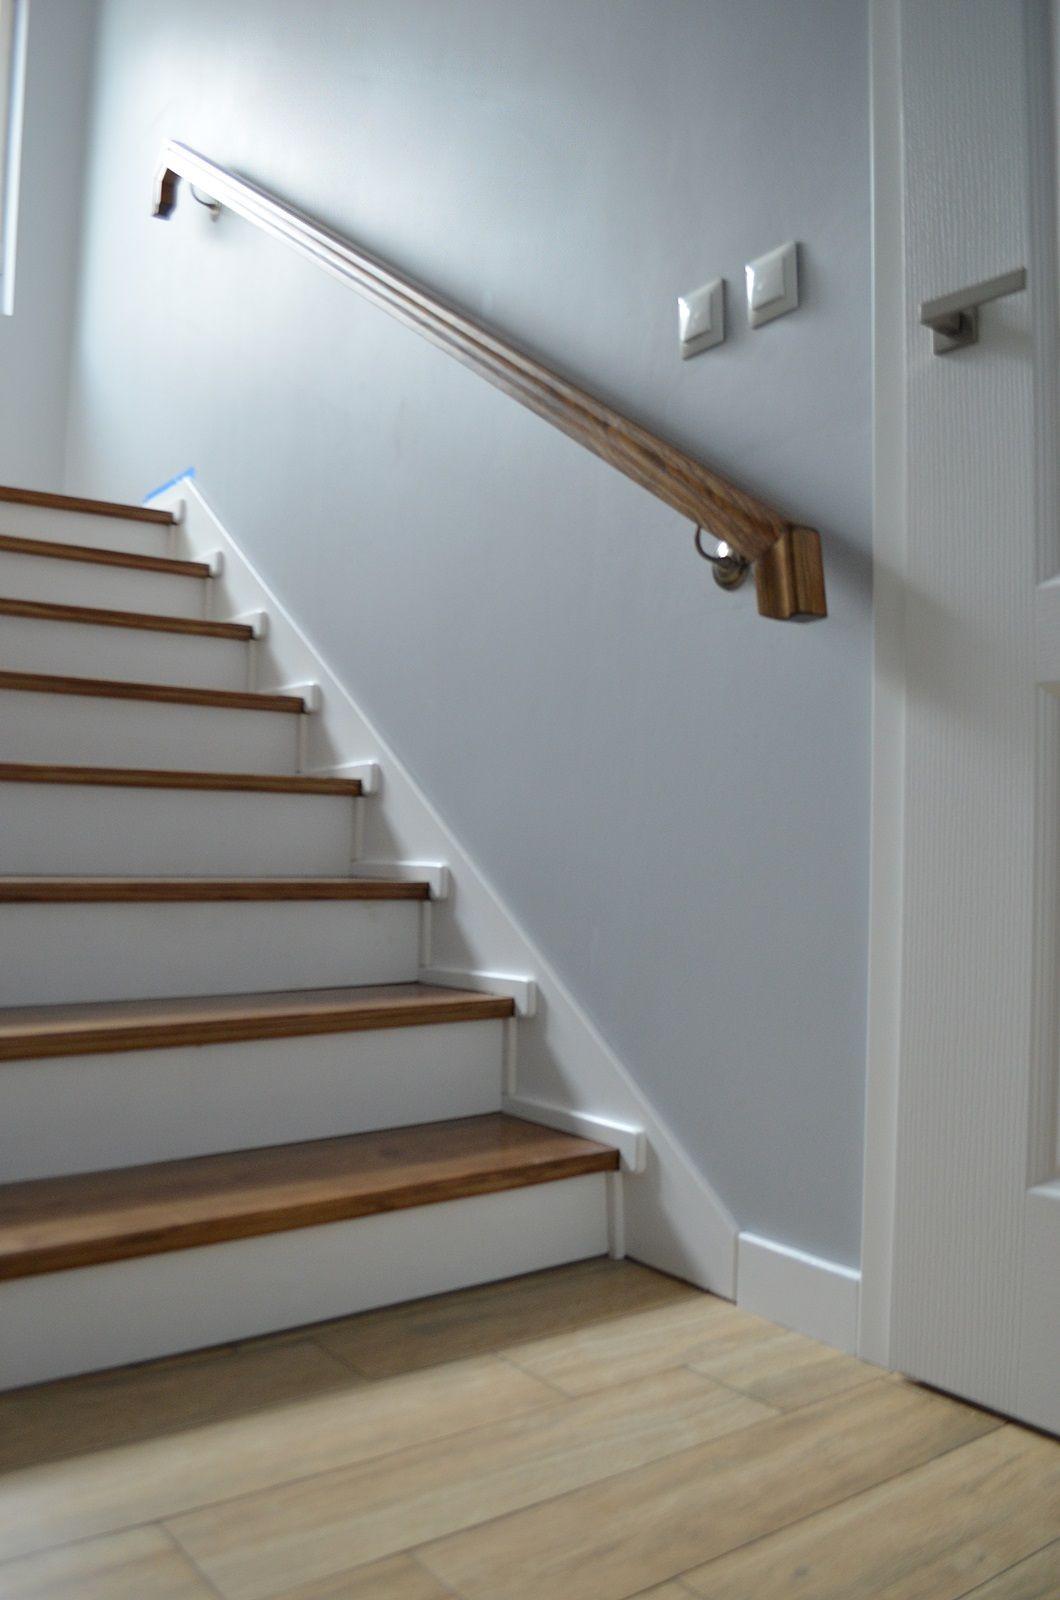 hardwood floor repair raleigh nc of diy jak odnowia‡ stare drewniane schody od inspiracji do with regard to diy jak odnowia‡ stare drewniane schody od inspiracji do realizacji